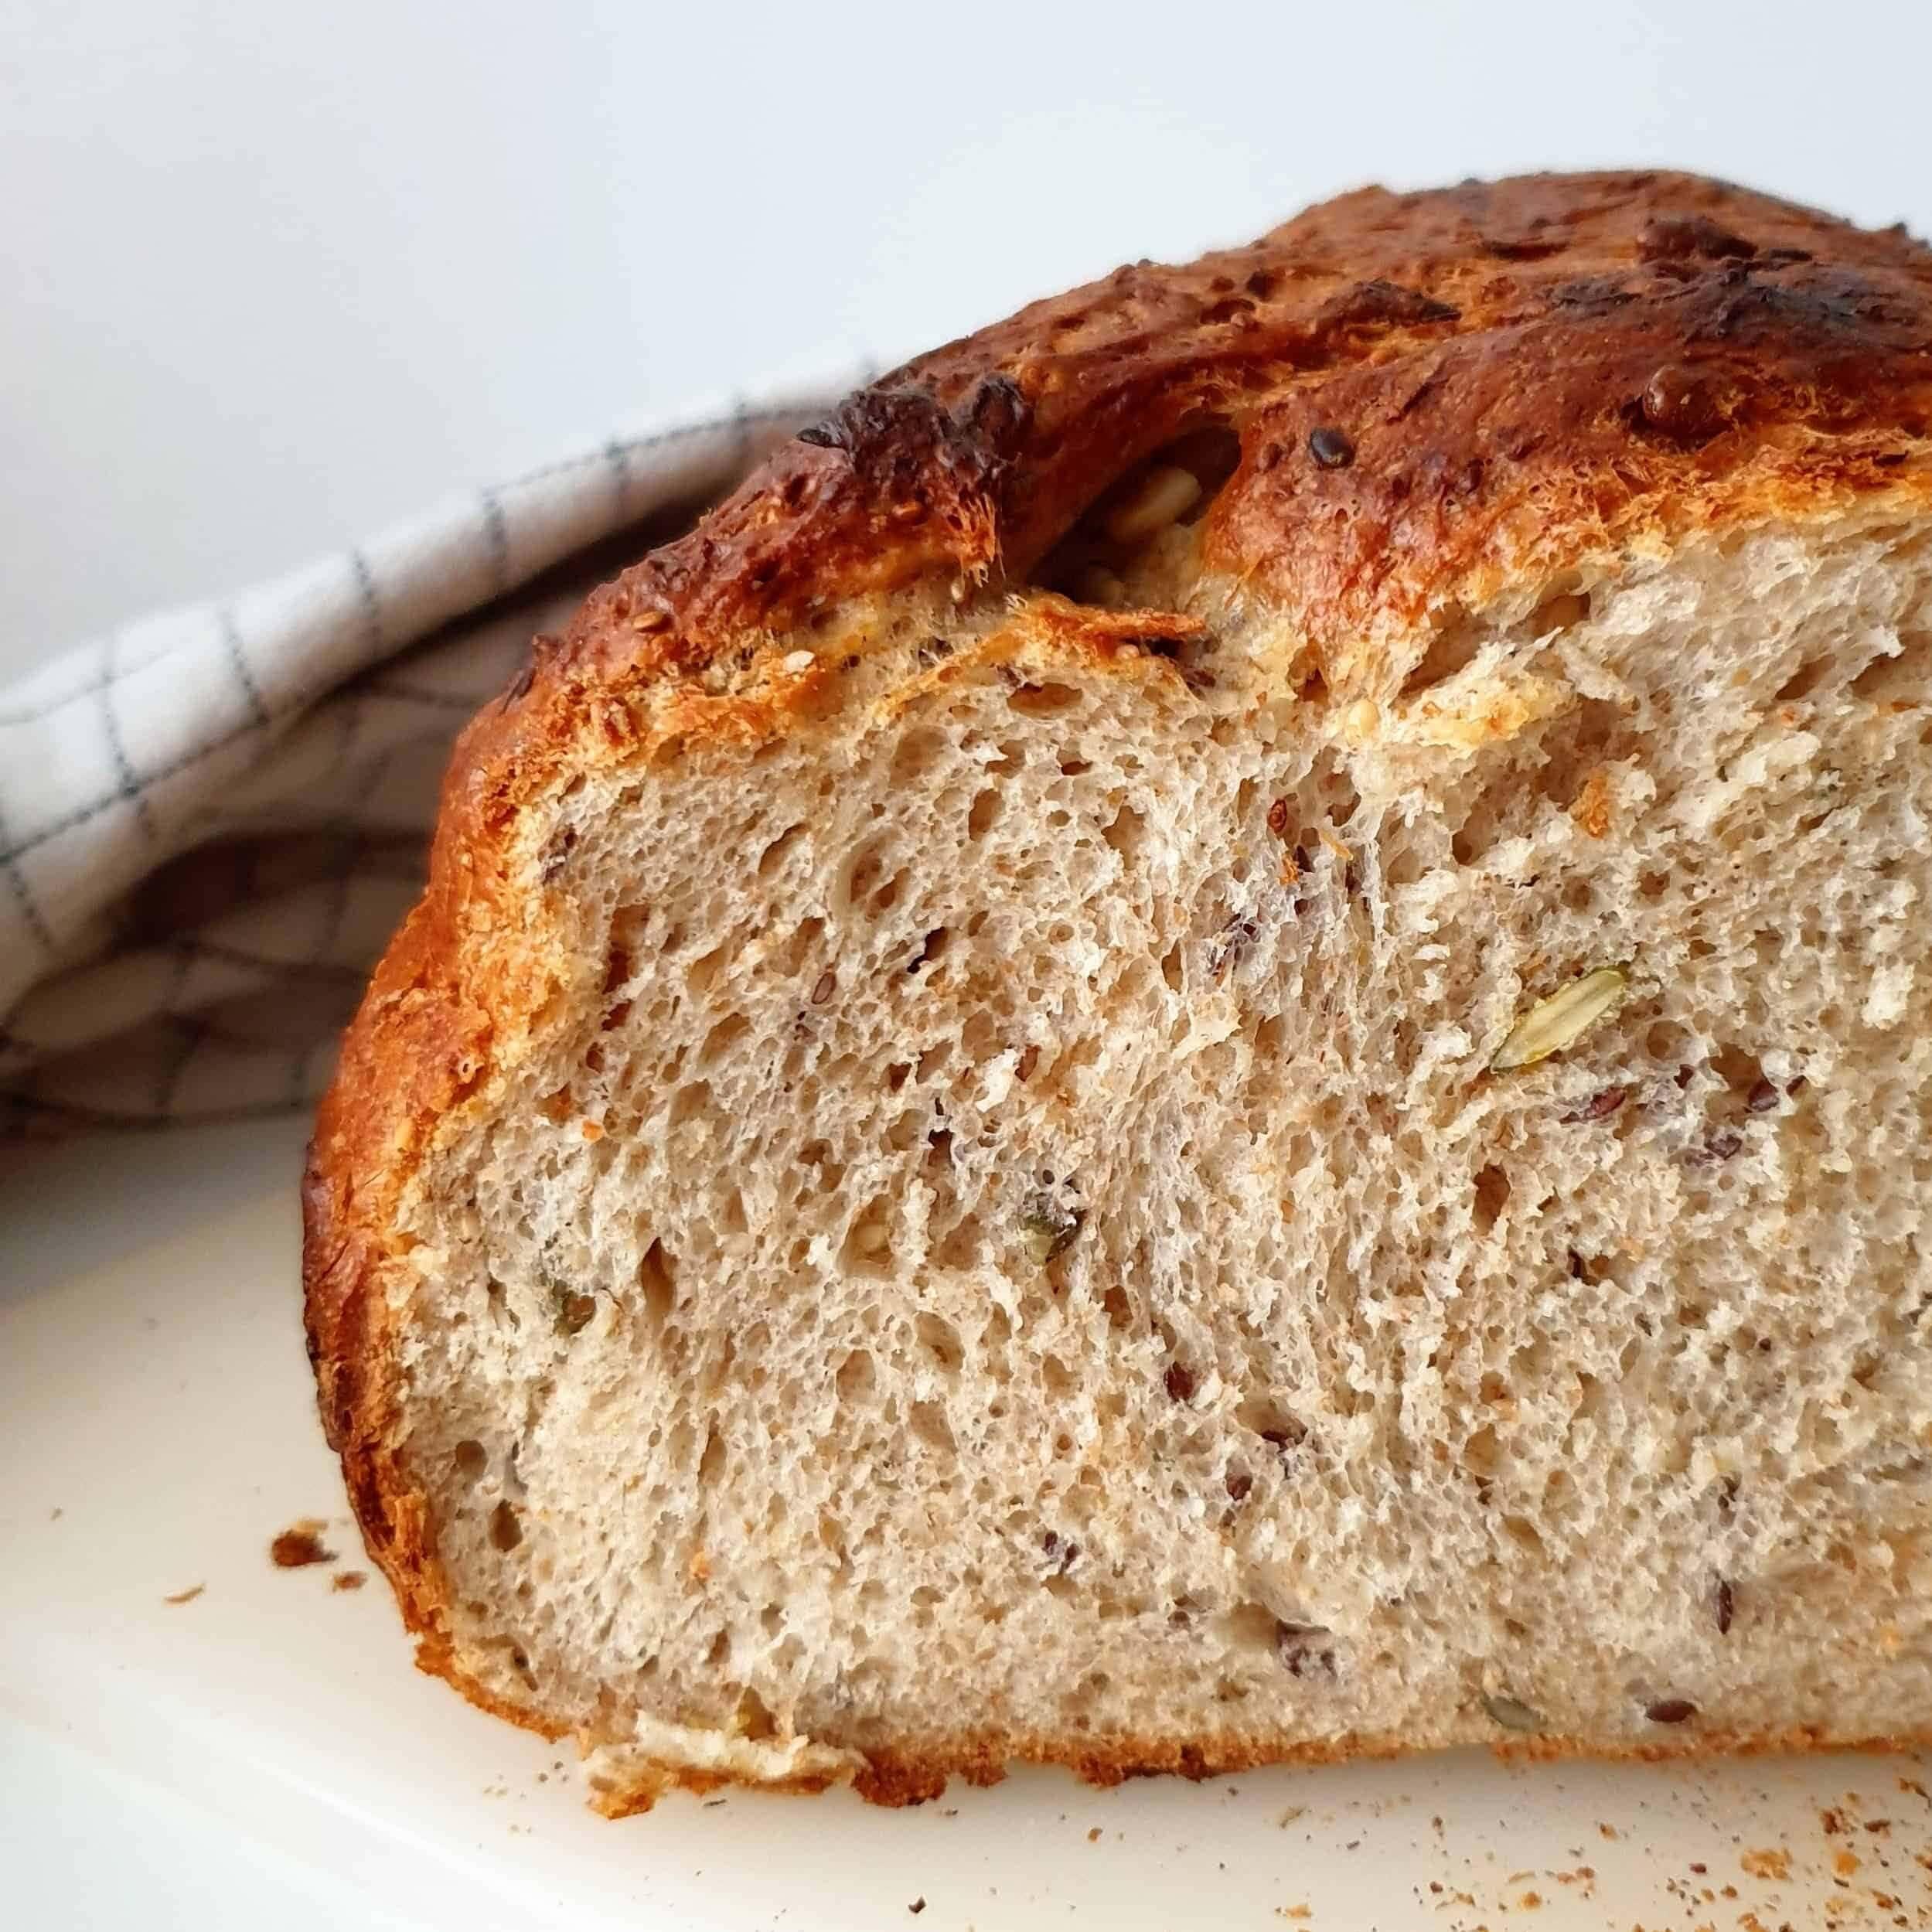 Det bedste grydebrød – et hurtigt madbrød. Lav et lækkert grydebrød på kun 2 timer. Du får et luftigt kernebrød med sprød skorpe, som smager fantastisk, og kan spises døgnet rundt. Find opskriften, gratis download, print og inspiration til årets gang på danishthings.com #DanishThings #grydebrød #gryde #brød #madbrød #fuldkornsbrød #kernebrød #morgenmad #franskbrød #gær #fuldkorn #kerner